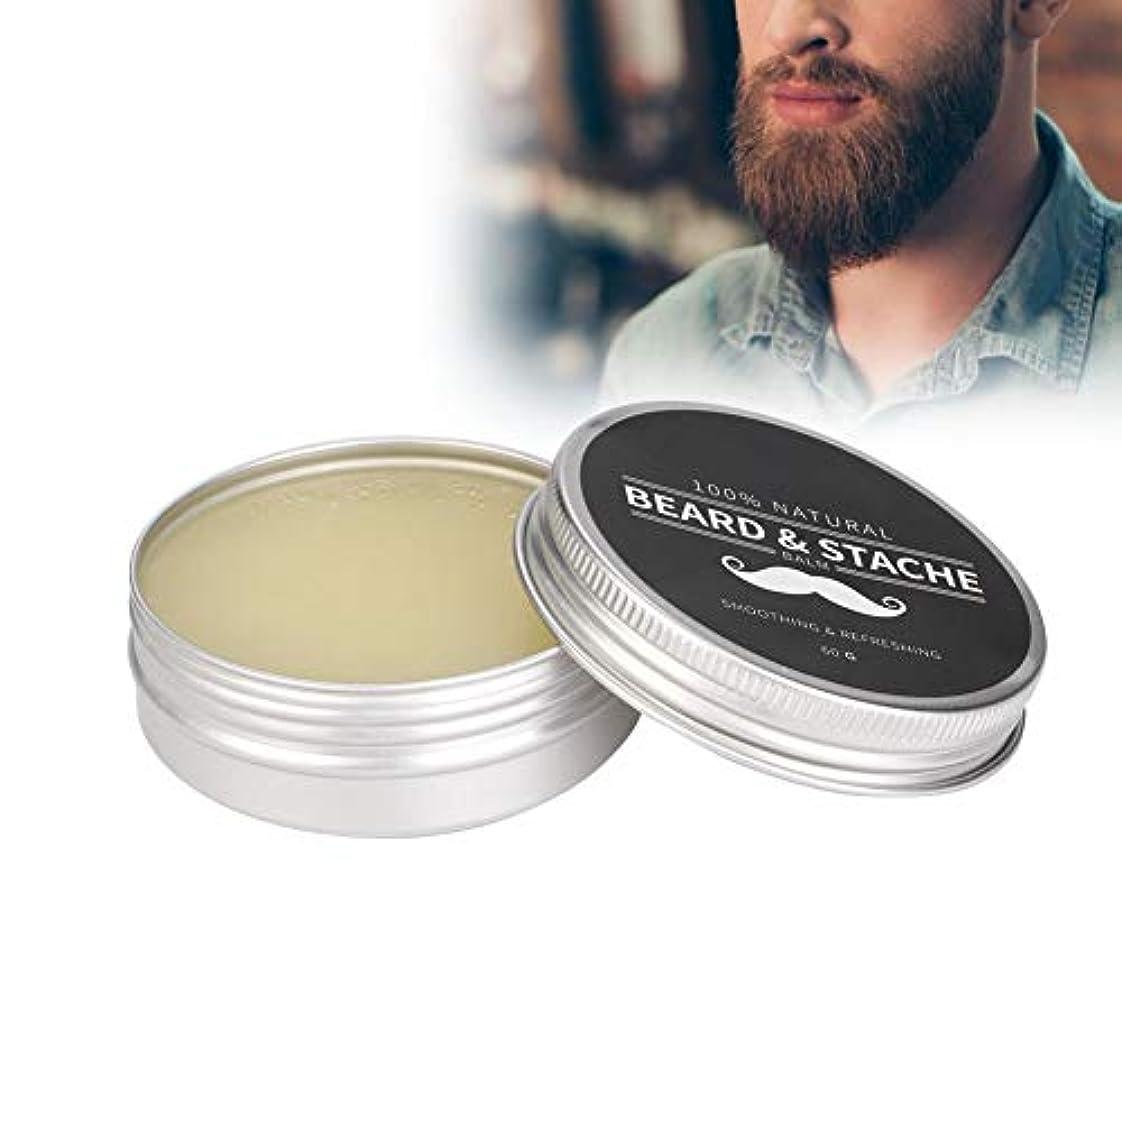 異常な郵便物キャラクターひげのワックス、保湿となめらかな柔軟剤口ひげのケアクリームは使用する男性のための分岐とひげの損失を防ぐのに役立ちます